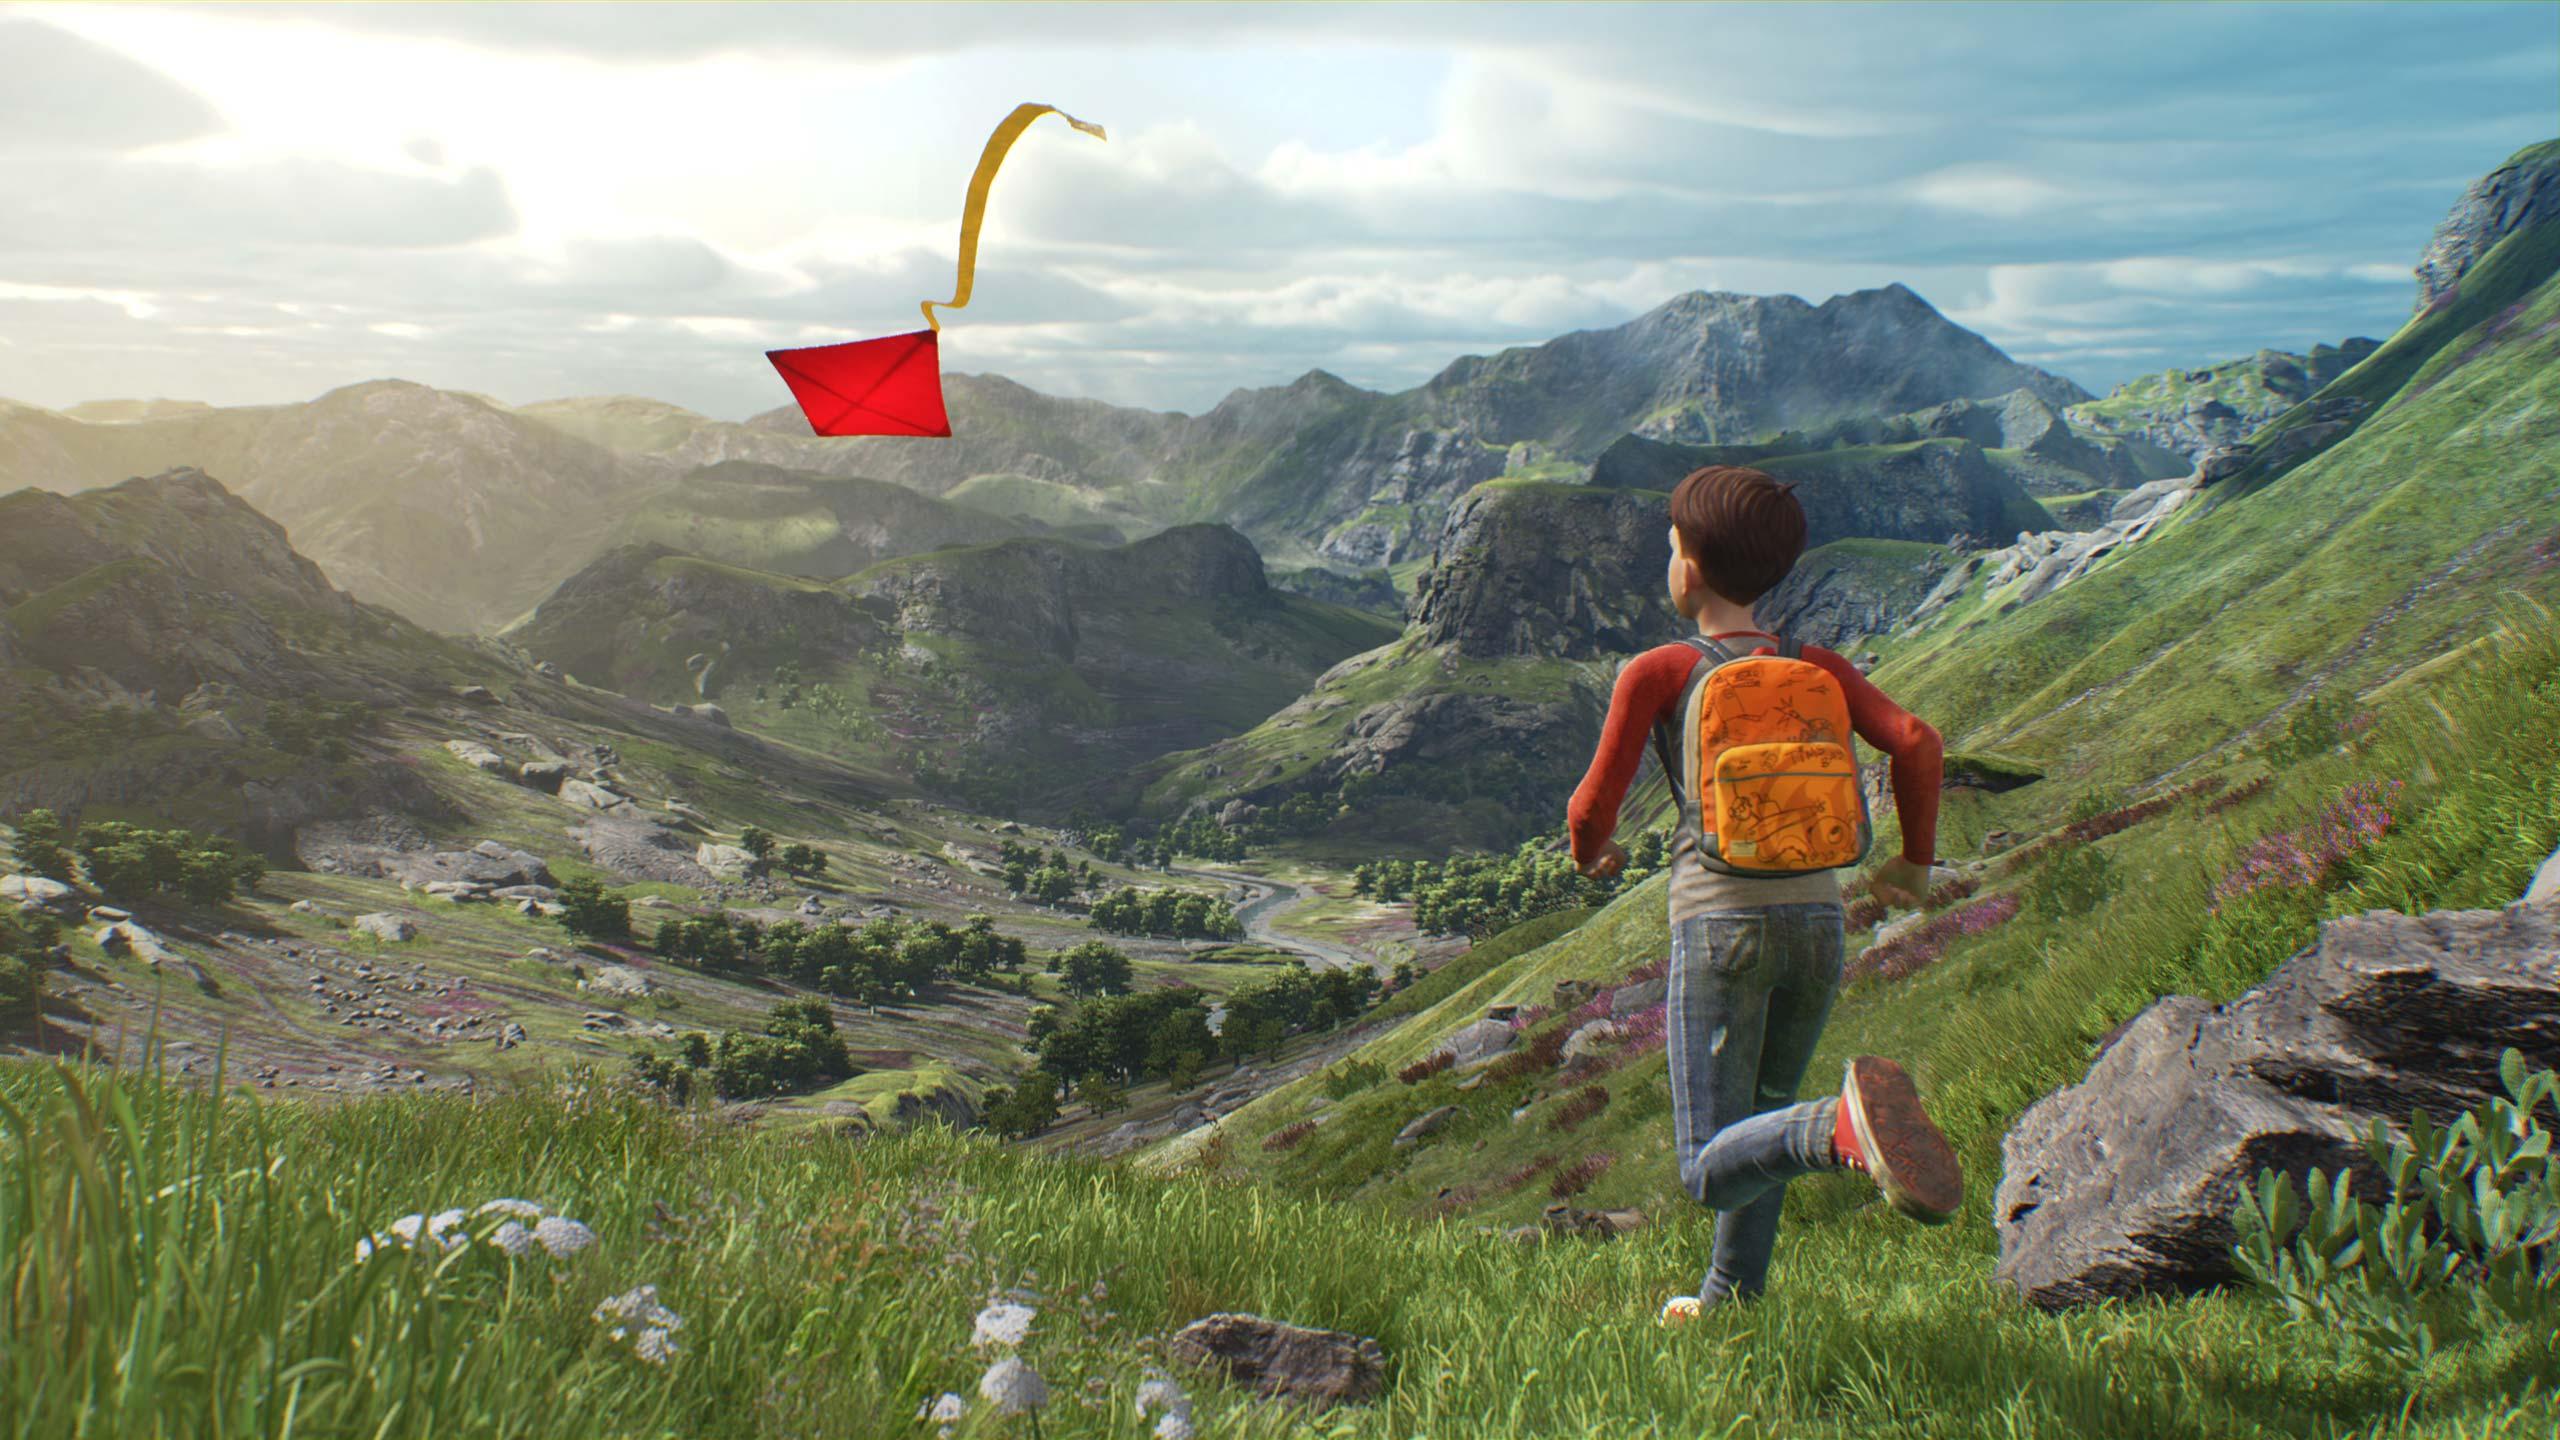 GDC 2015にて公開されたUnreal Engine 4デモ「Kite Open World」。圧倒的な物量感が迫る映像で、30fpsにてリアルタイム動作している